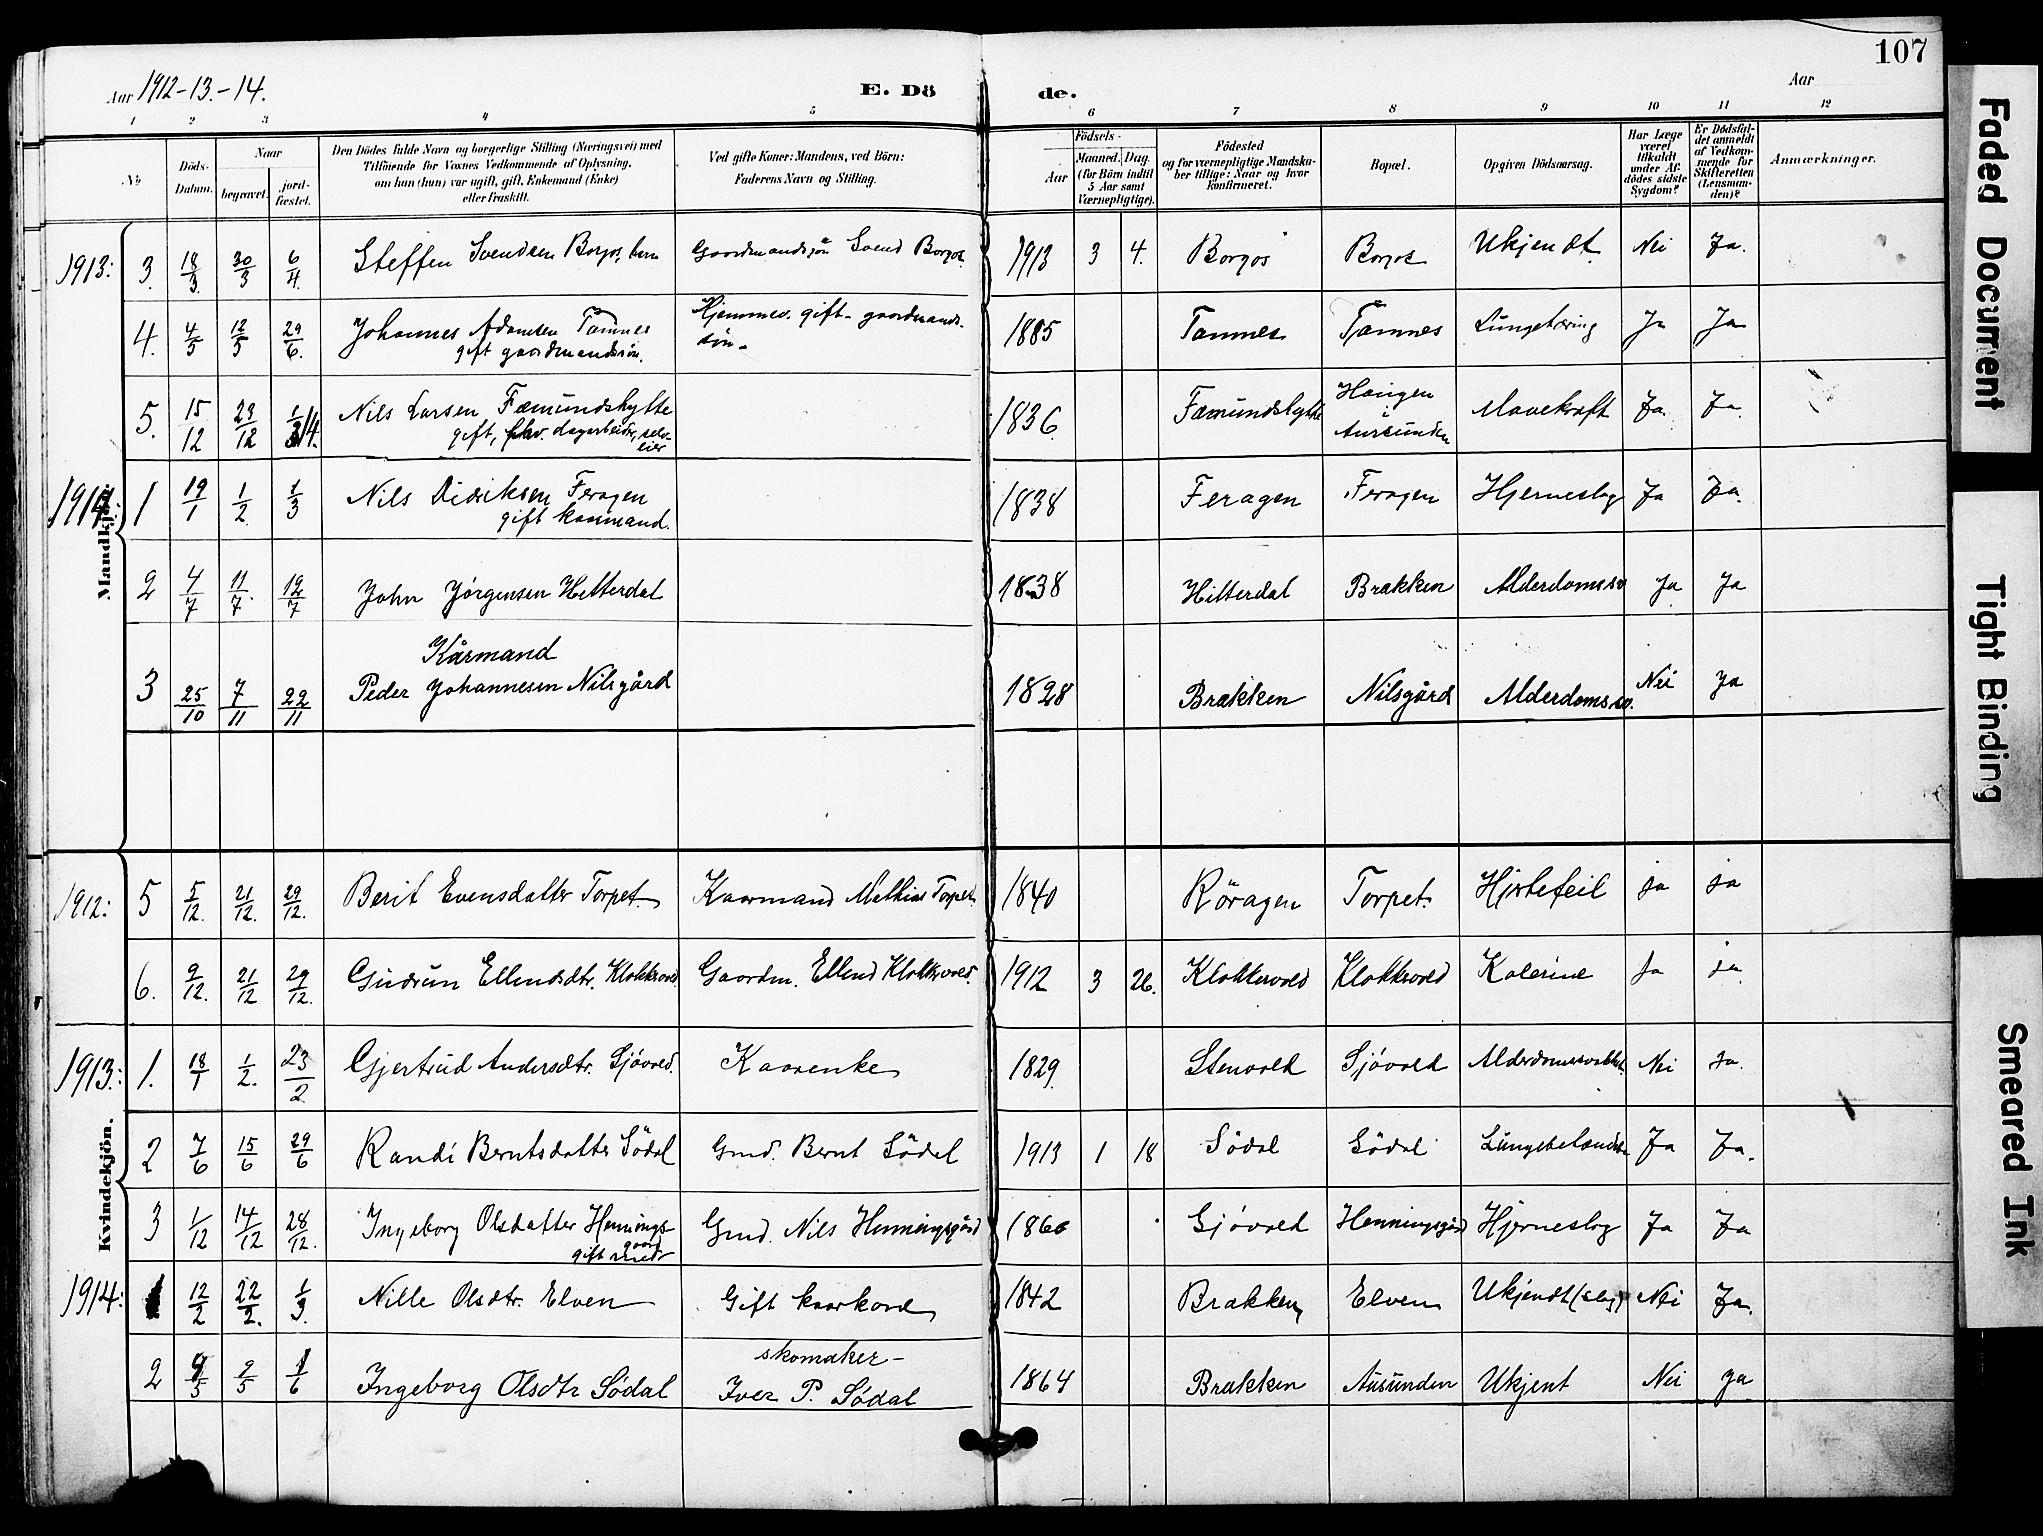 SAT, Ministerialprotokoller, klokkerbøker og fødselsregistre - Sør-Trøndelag, 683/L0950: Klokkerbok nr. 683C02, 1897-1918, s. 107